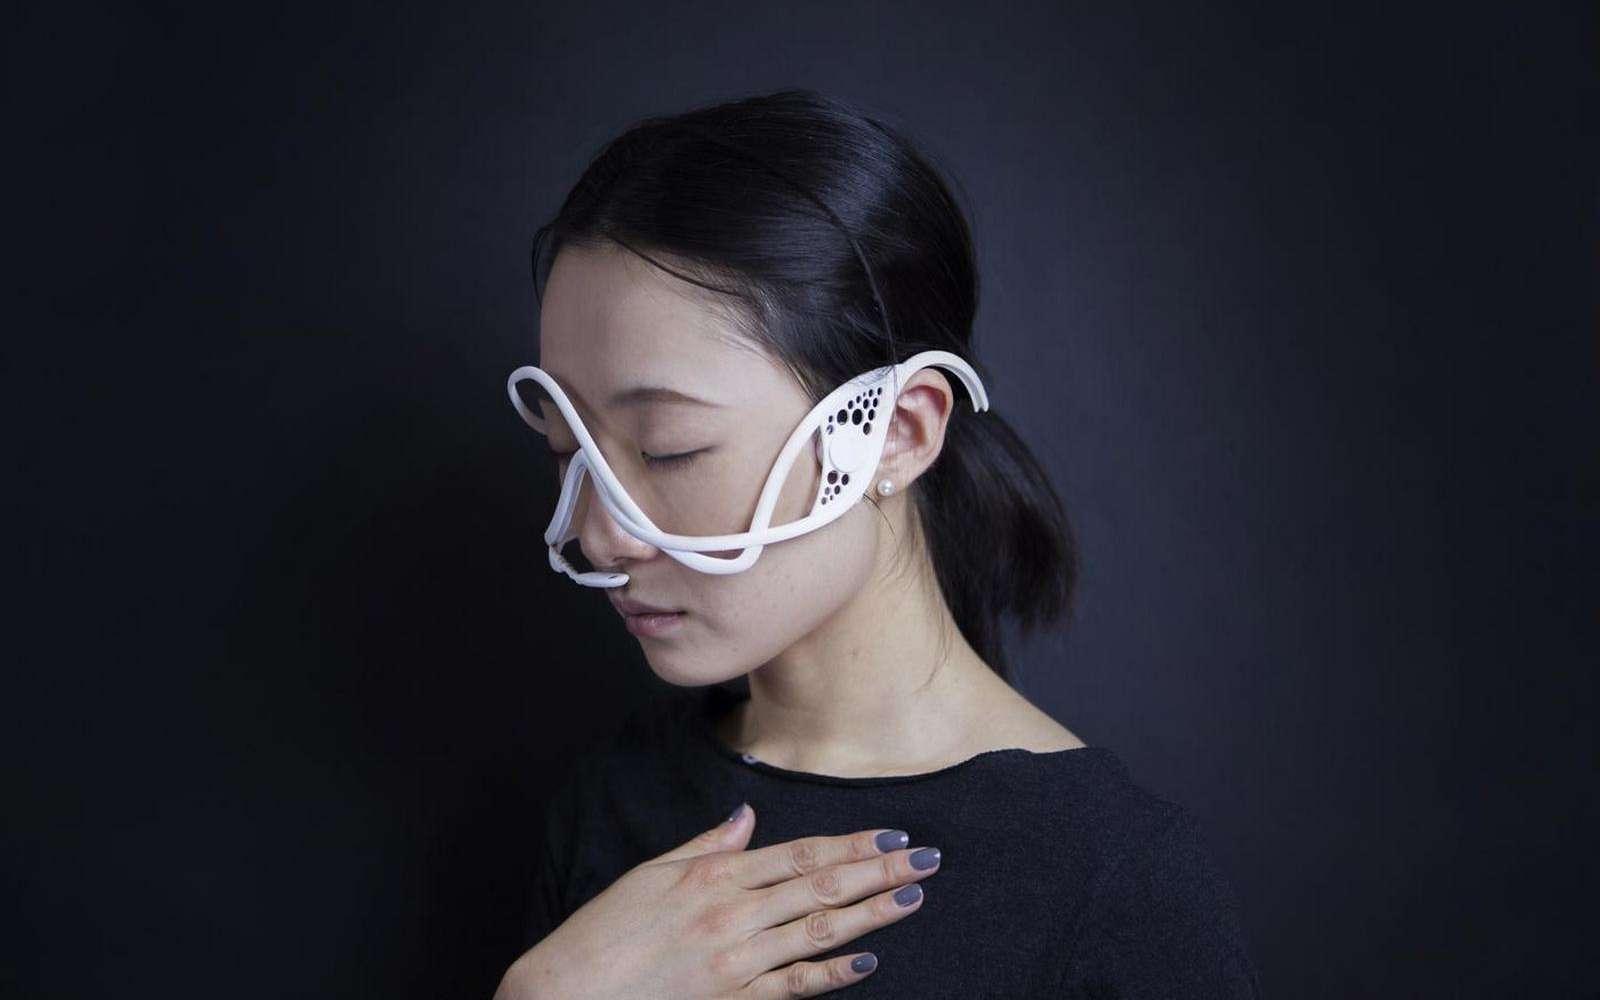 L'étonnant masque psychoacoustique créé par Xin Liu du MIT. © Xin Liu, Hongxin Zhang